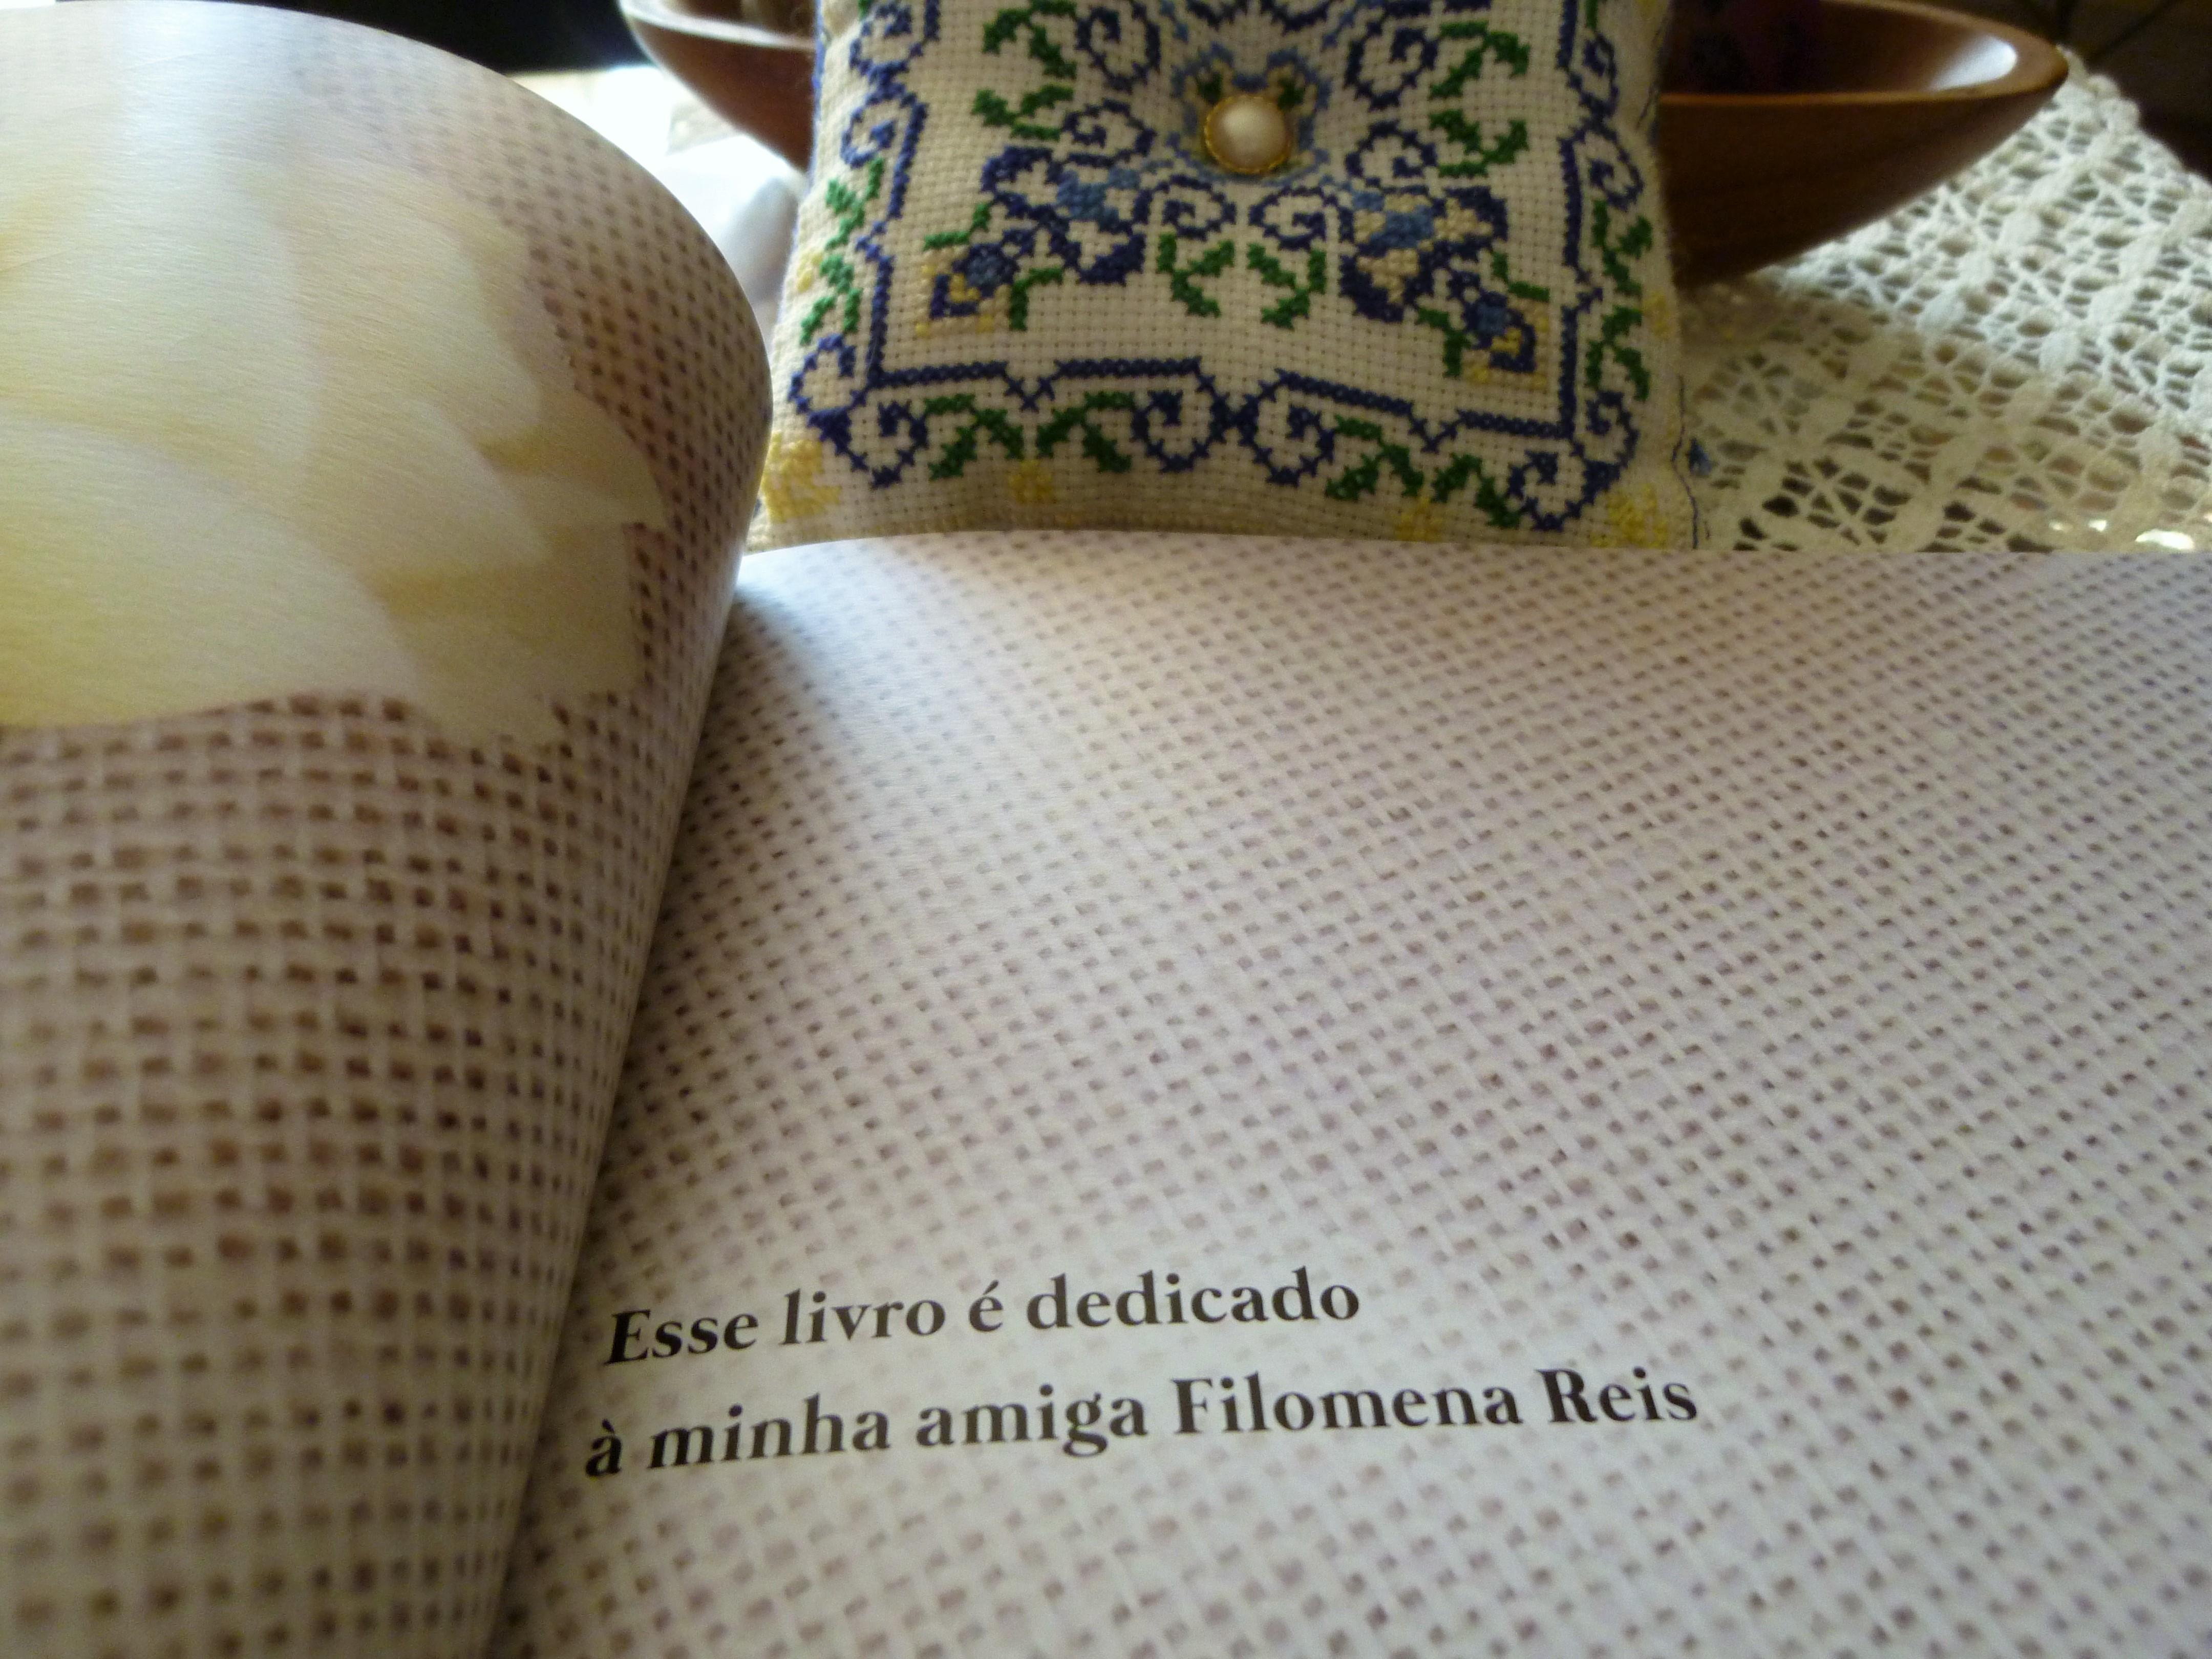 libro-lee-4